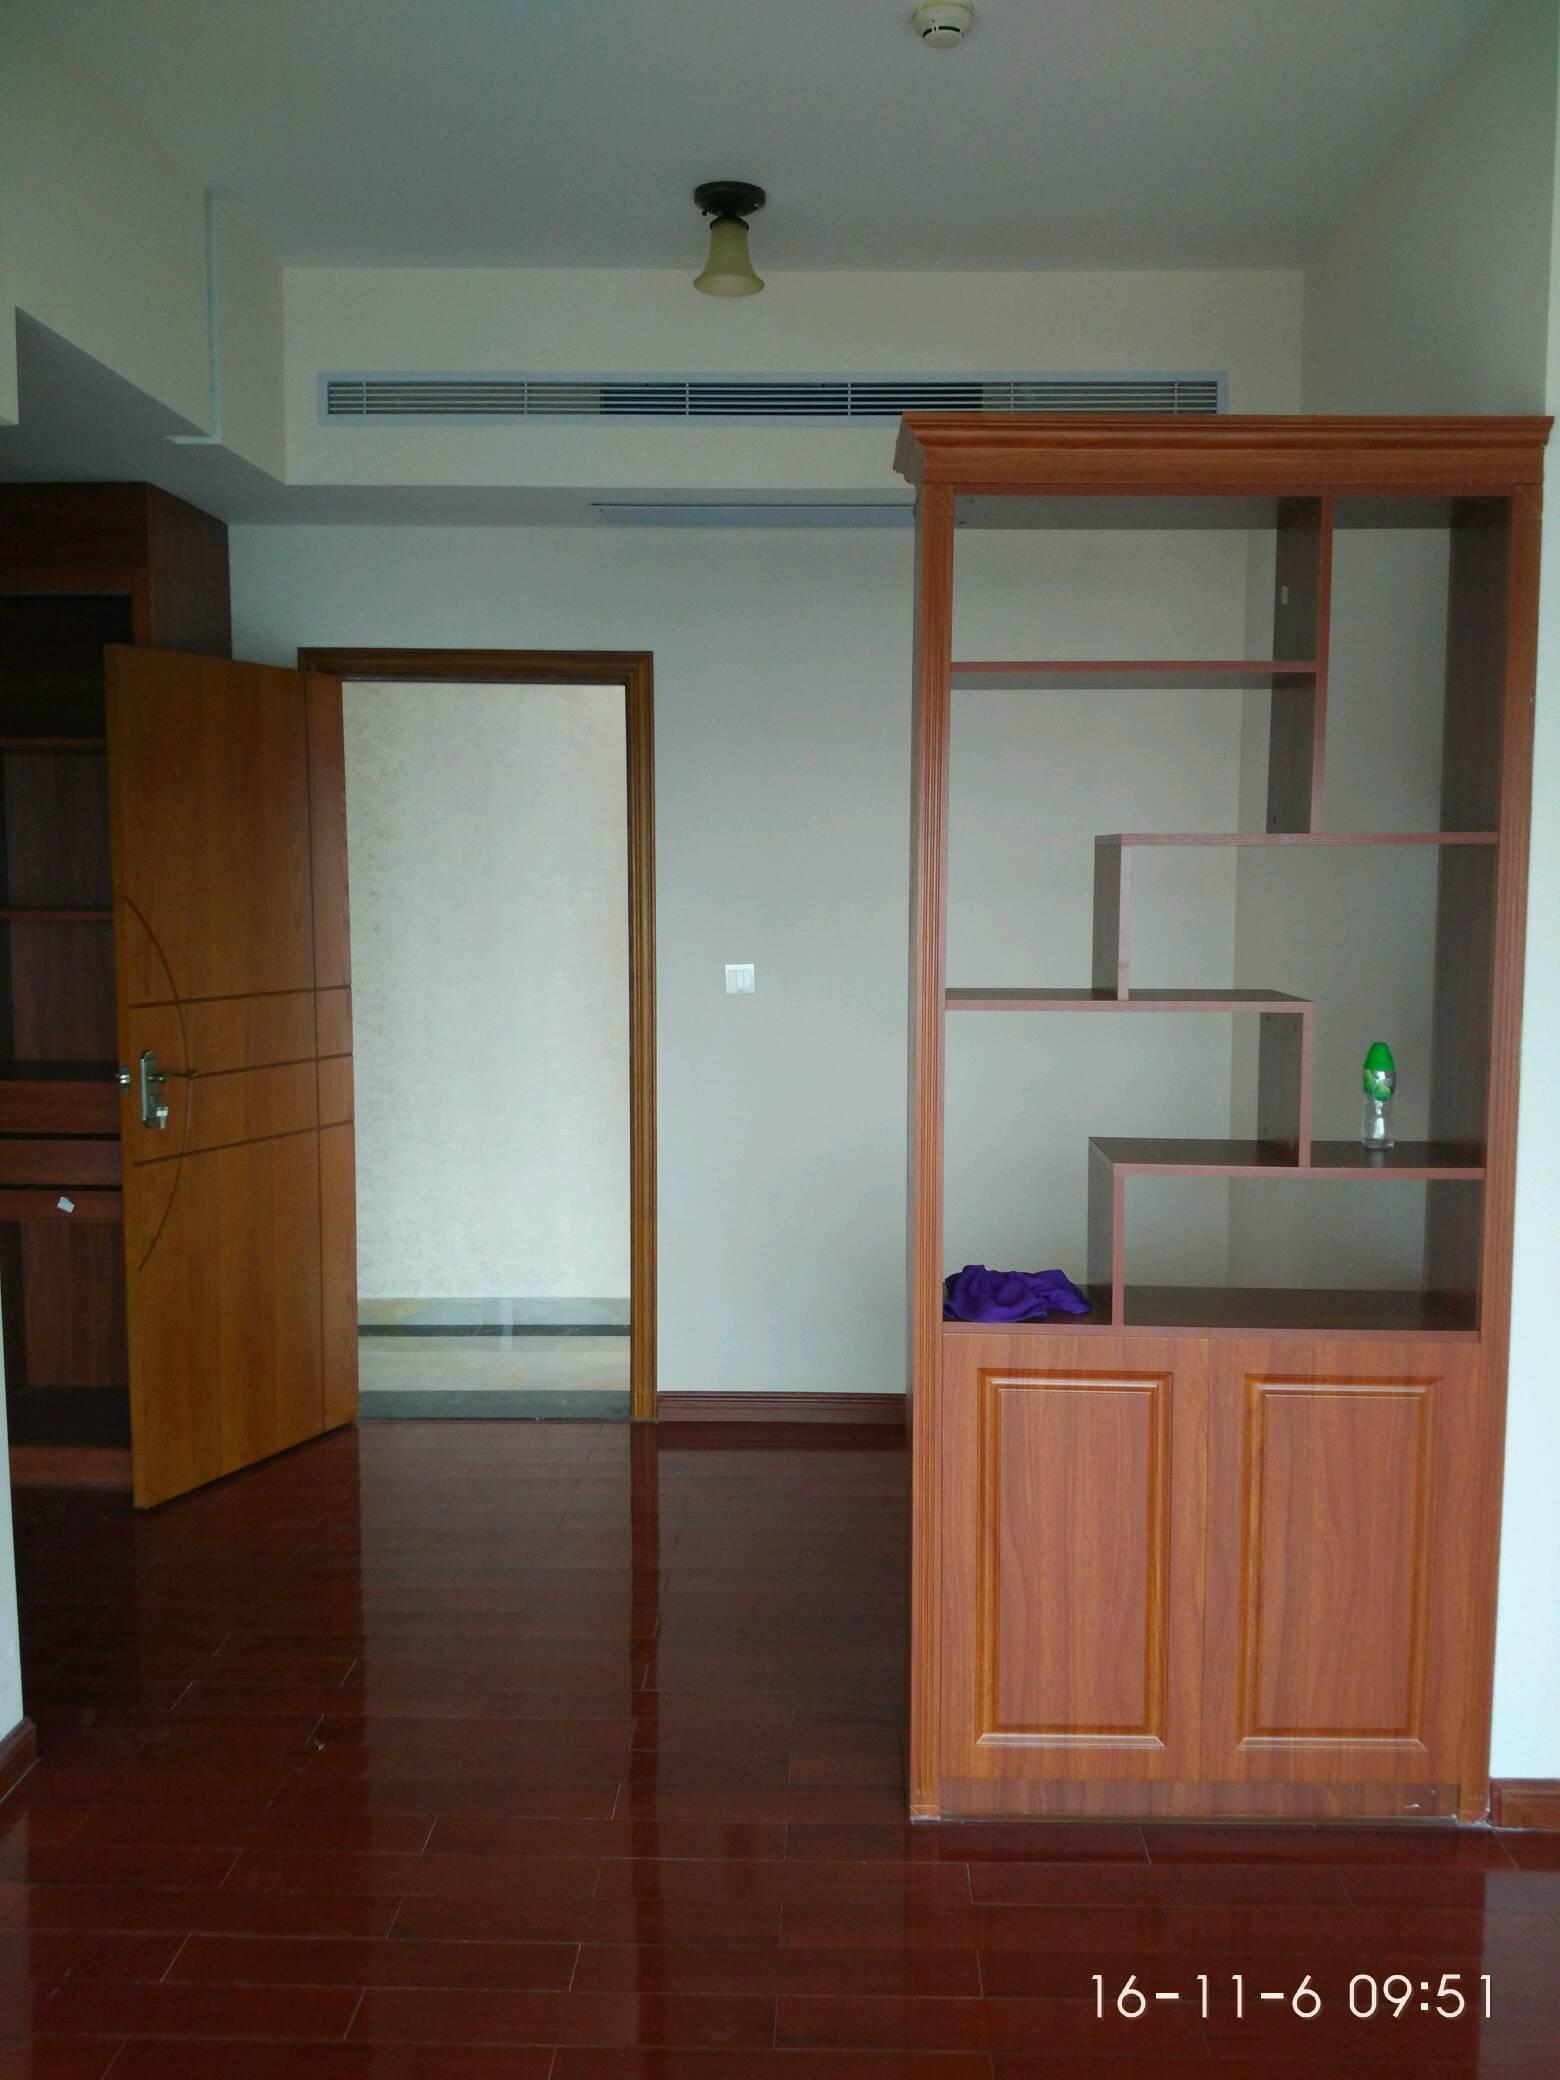 【木工】:各式木质,衣柜鞋柜,石膏板隔墙,包门套,包窗套,厨柜,吊柜